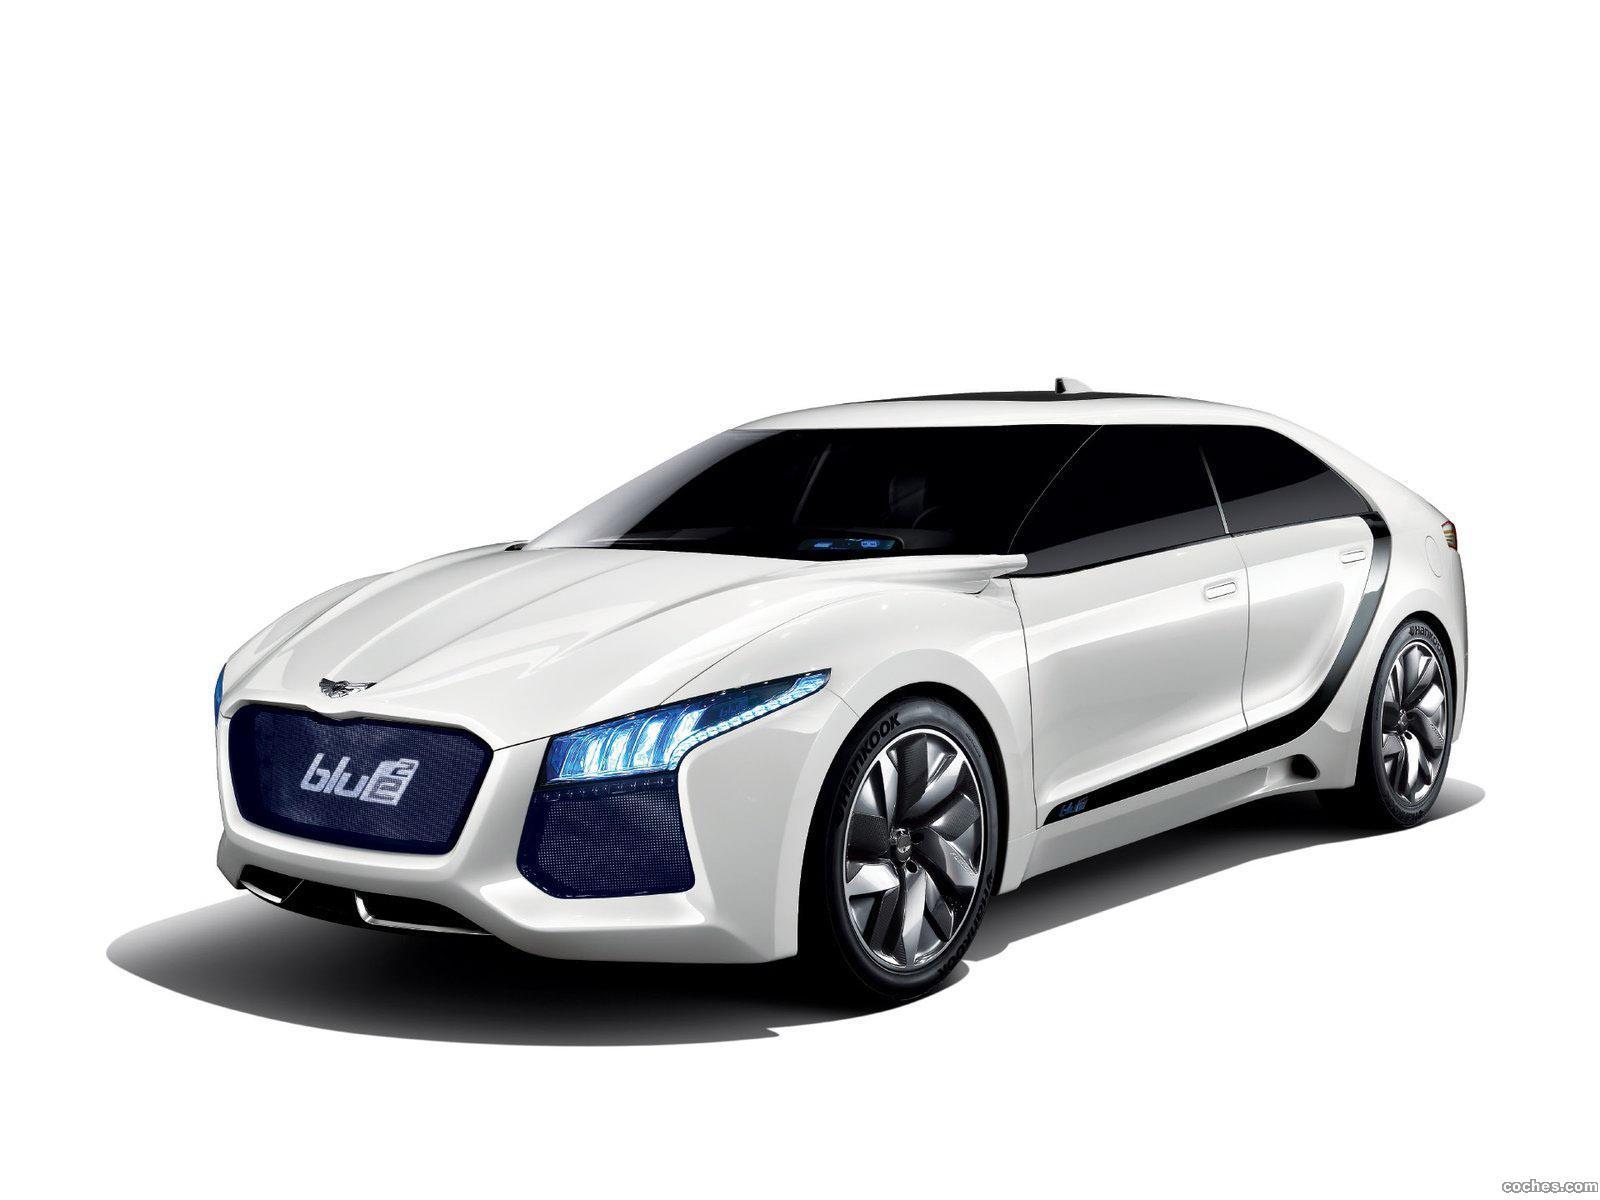 Foto 0 de Hyundai Blue2 Concept 2011